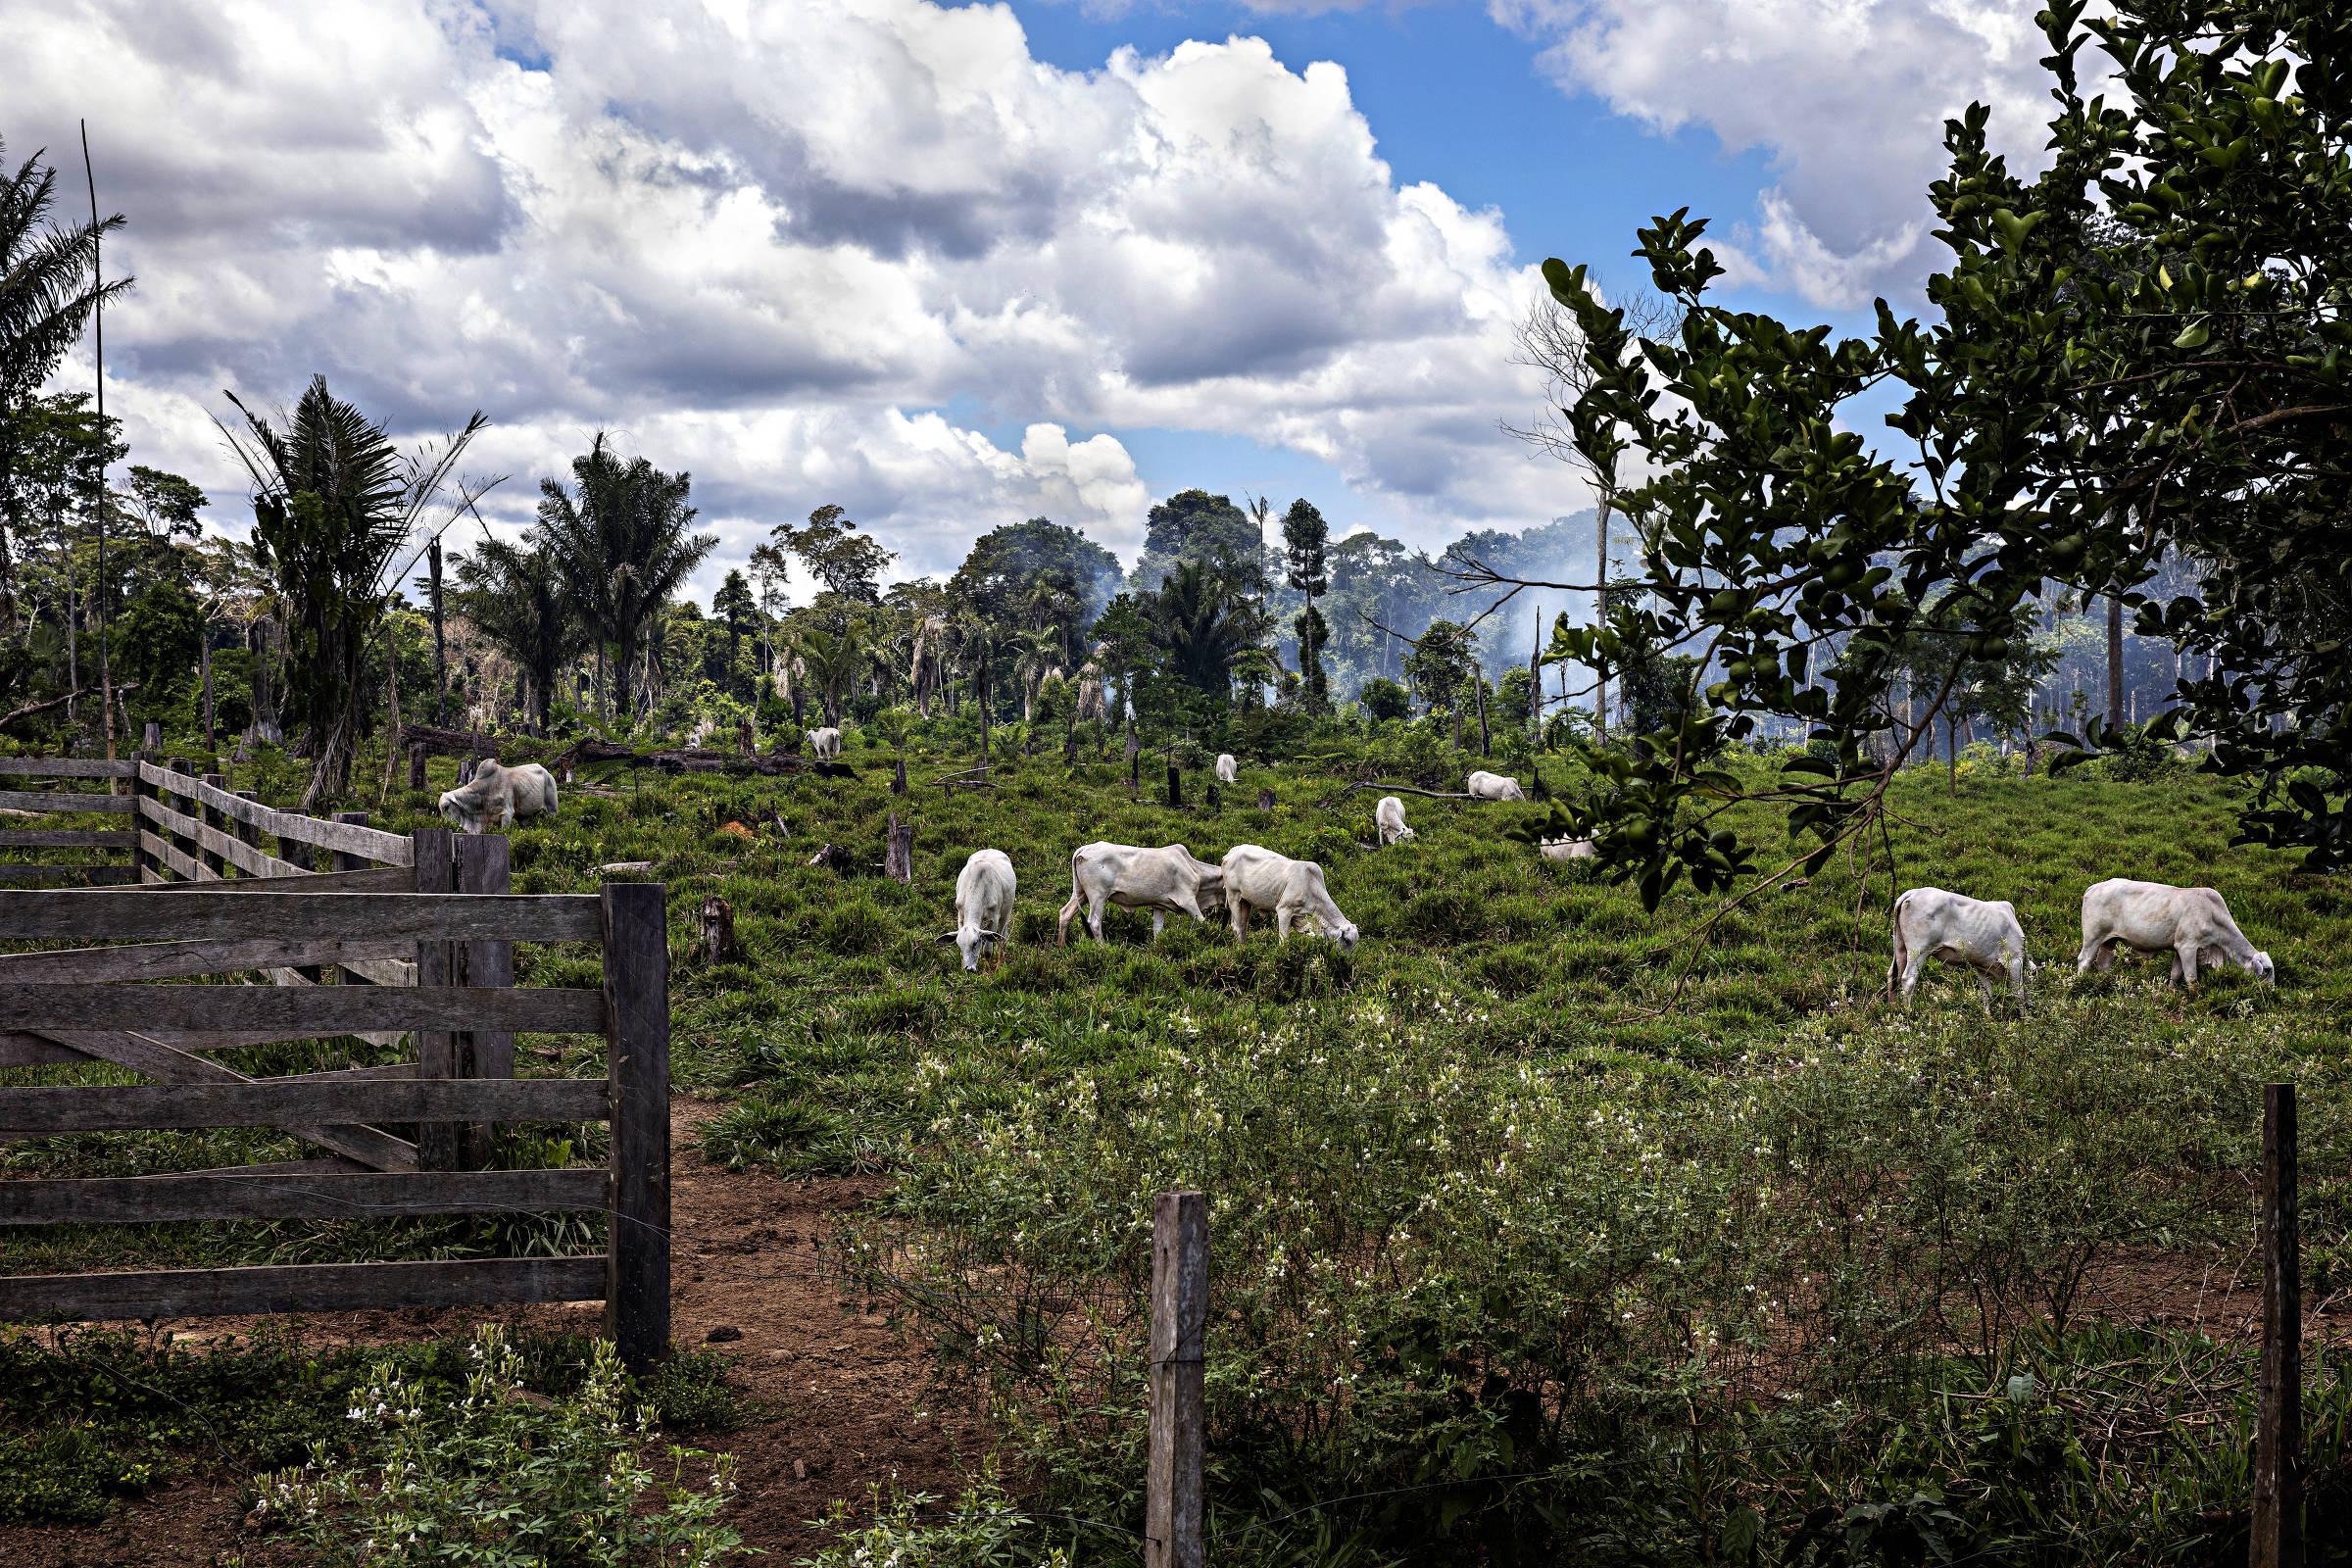 Gado pasta na terra do ex-seringueiro Francisco Diogo da Silva, que vê a pecuária como a alternativa econômica mais viável